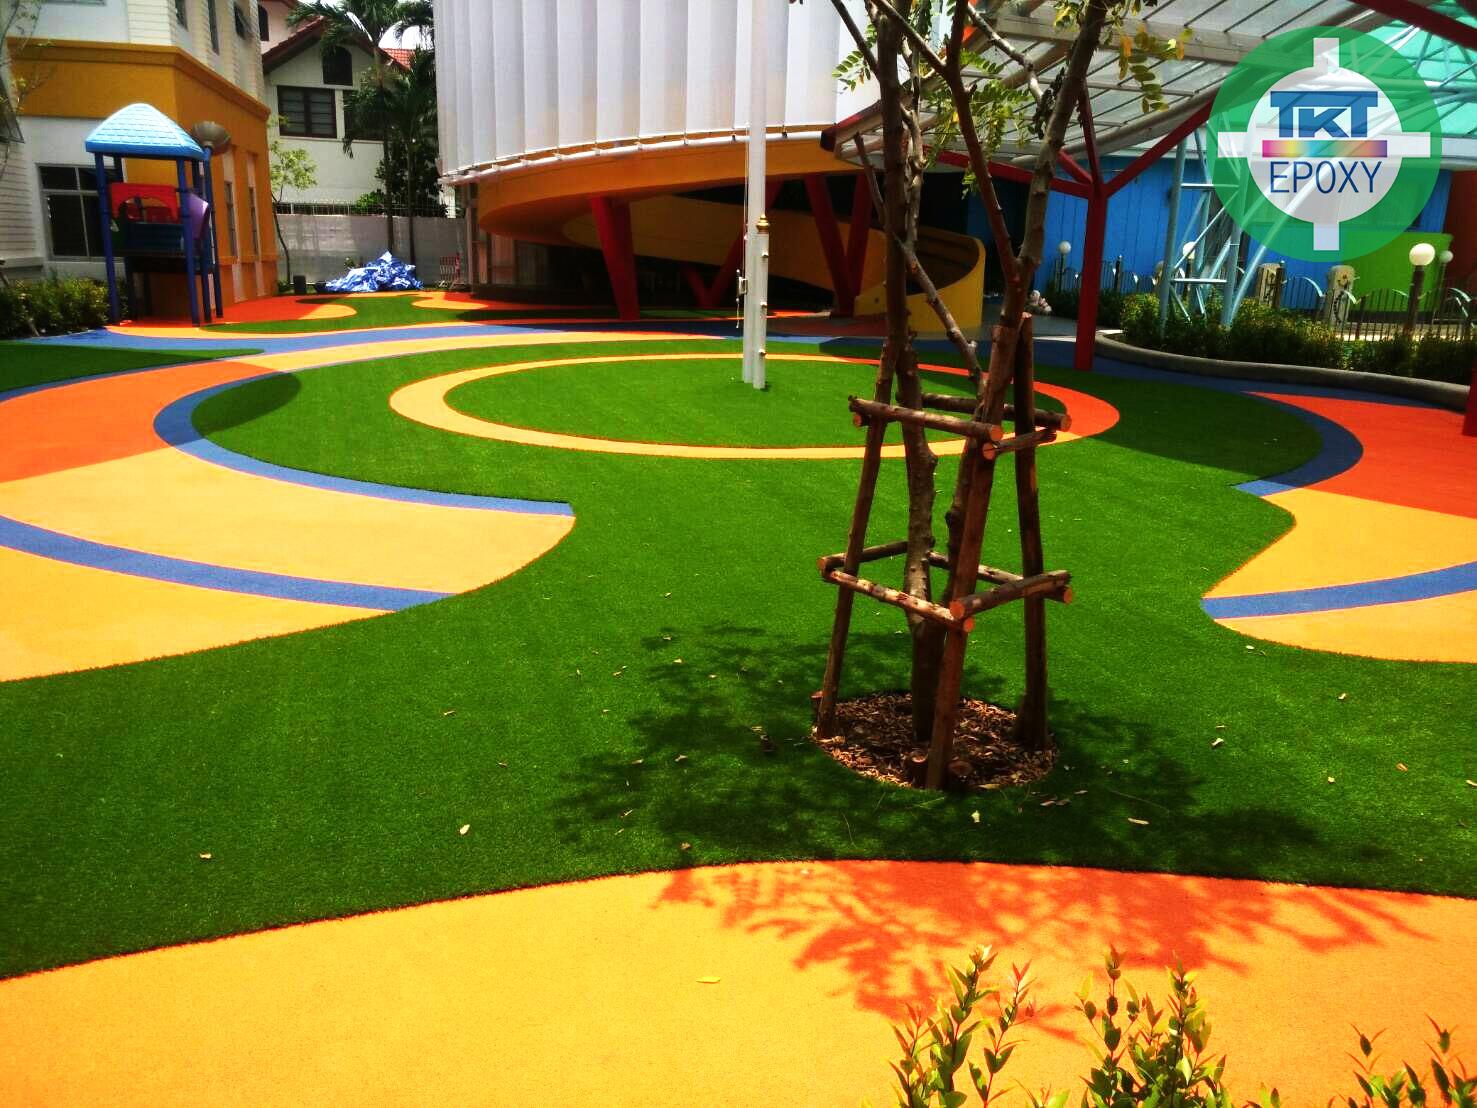 สนามเด็กเล่น โรงเรียนนานาชาติ ปาณยาพัฒนาการ จ.กรุงเทพมหานคร